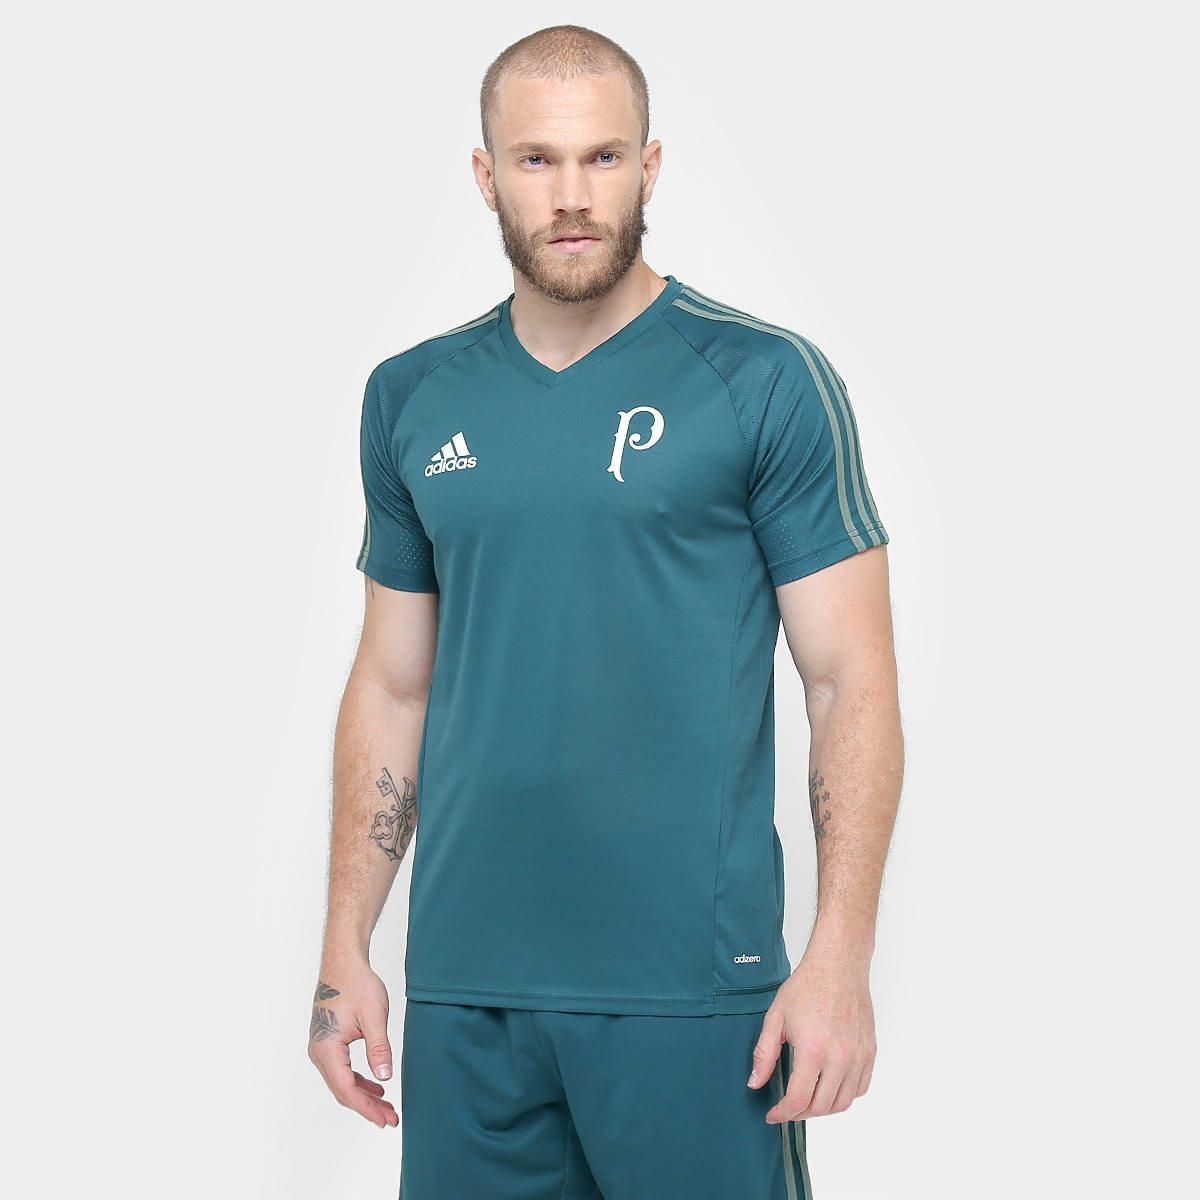 Nova camisa do Palmeiras  Lançamento 2017   2018  NOVIDADE  8e75786f444d0